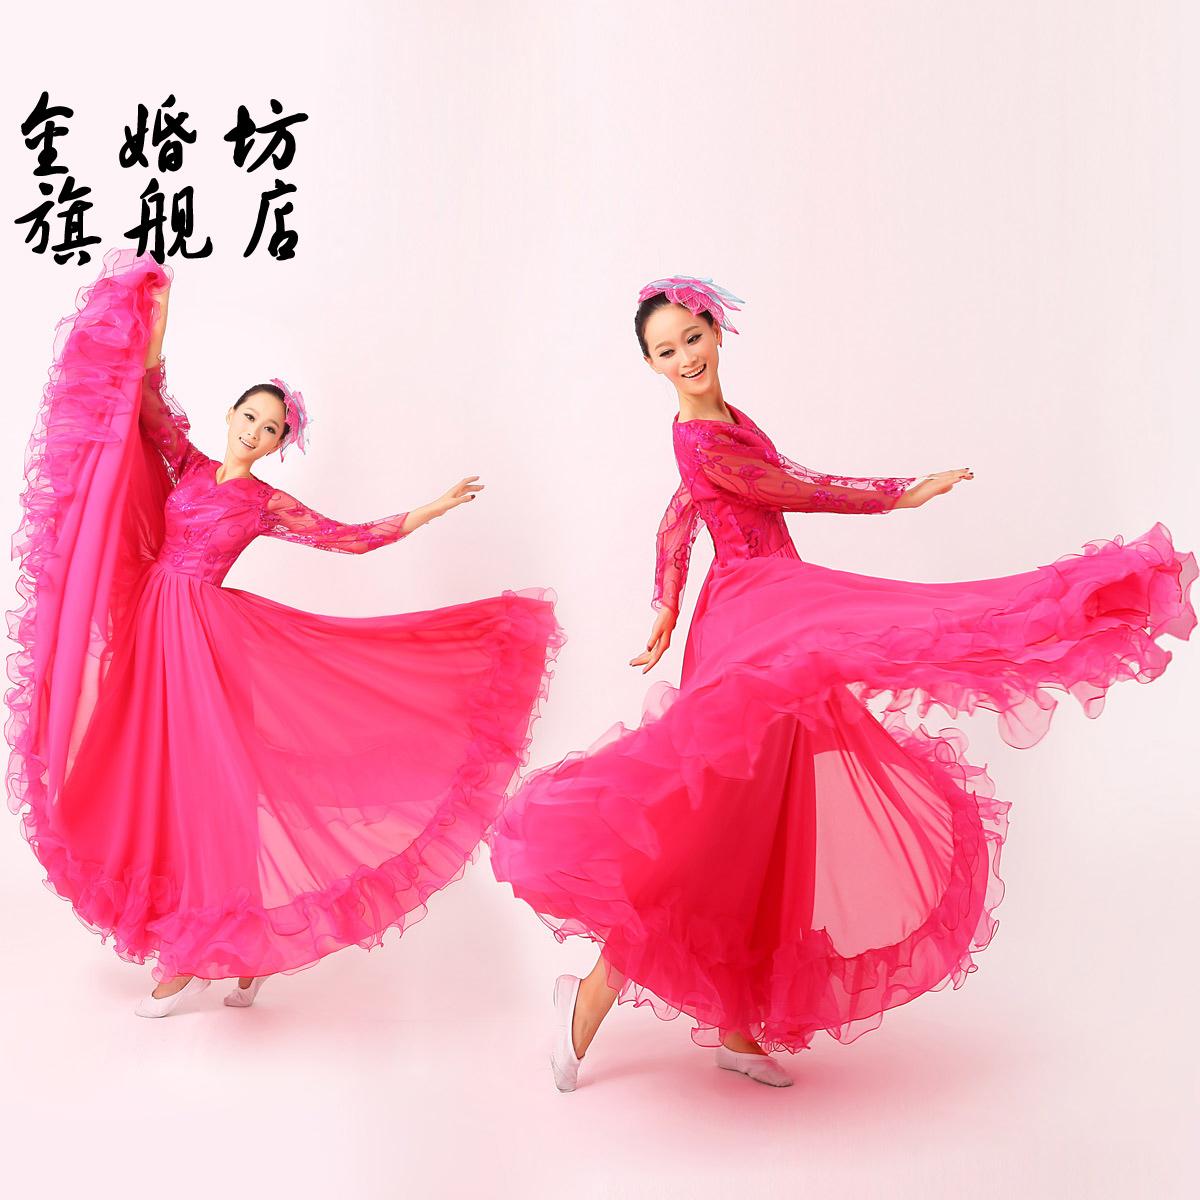 儿童民族风舞蹈发型分享展示图片